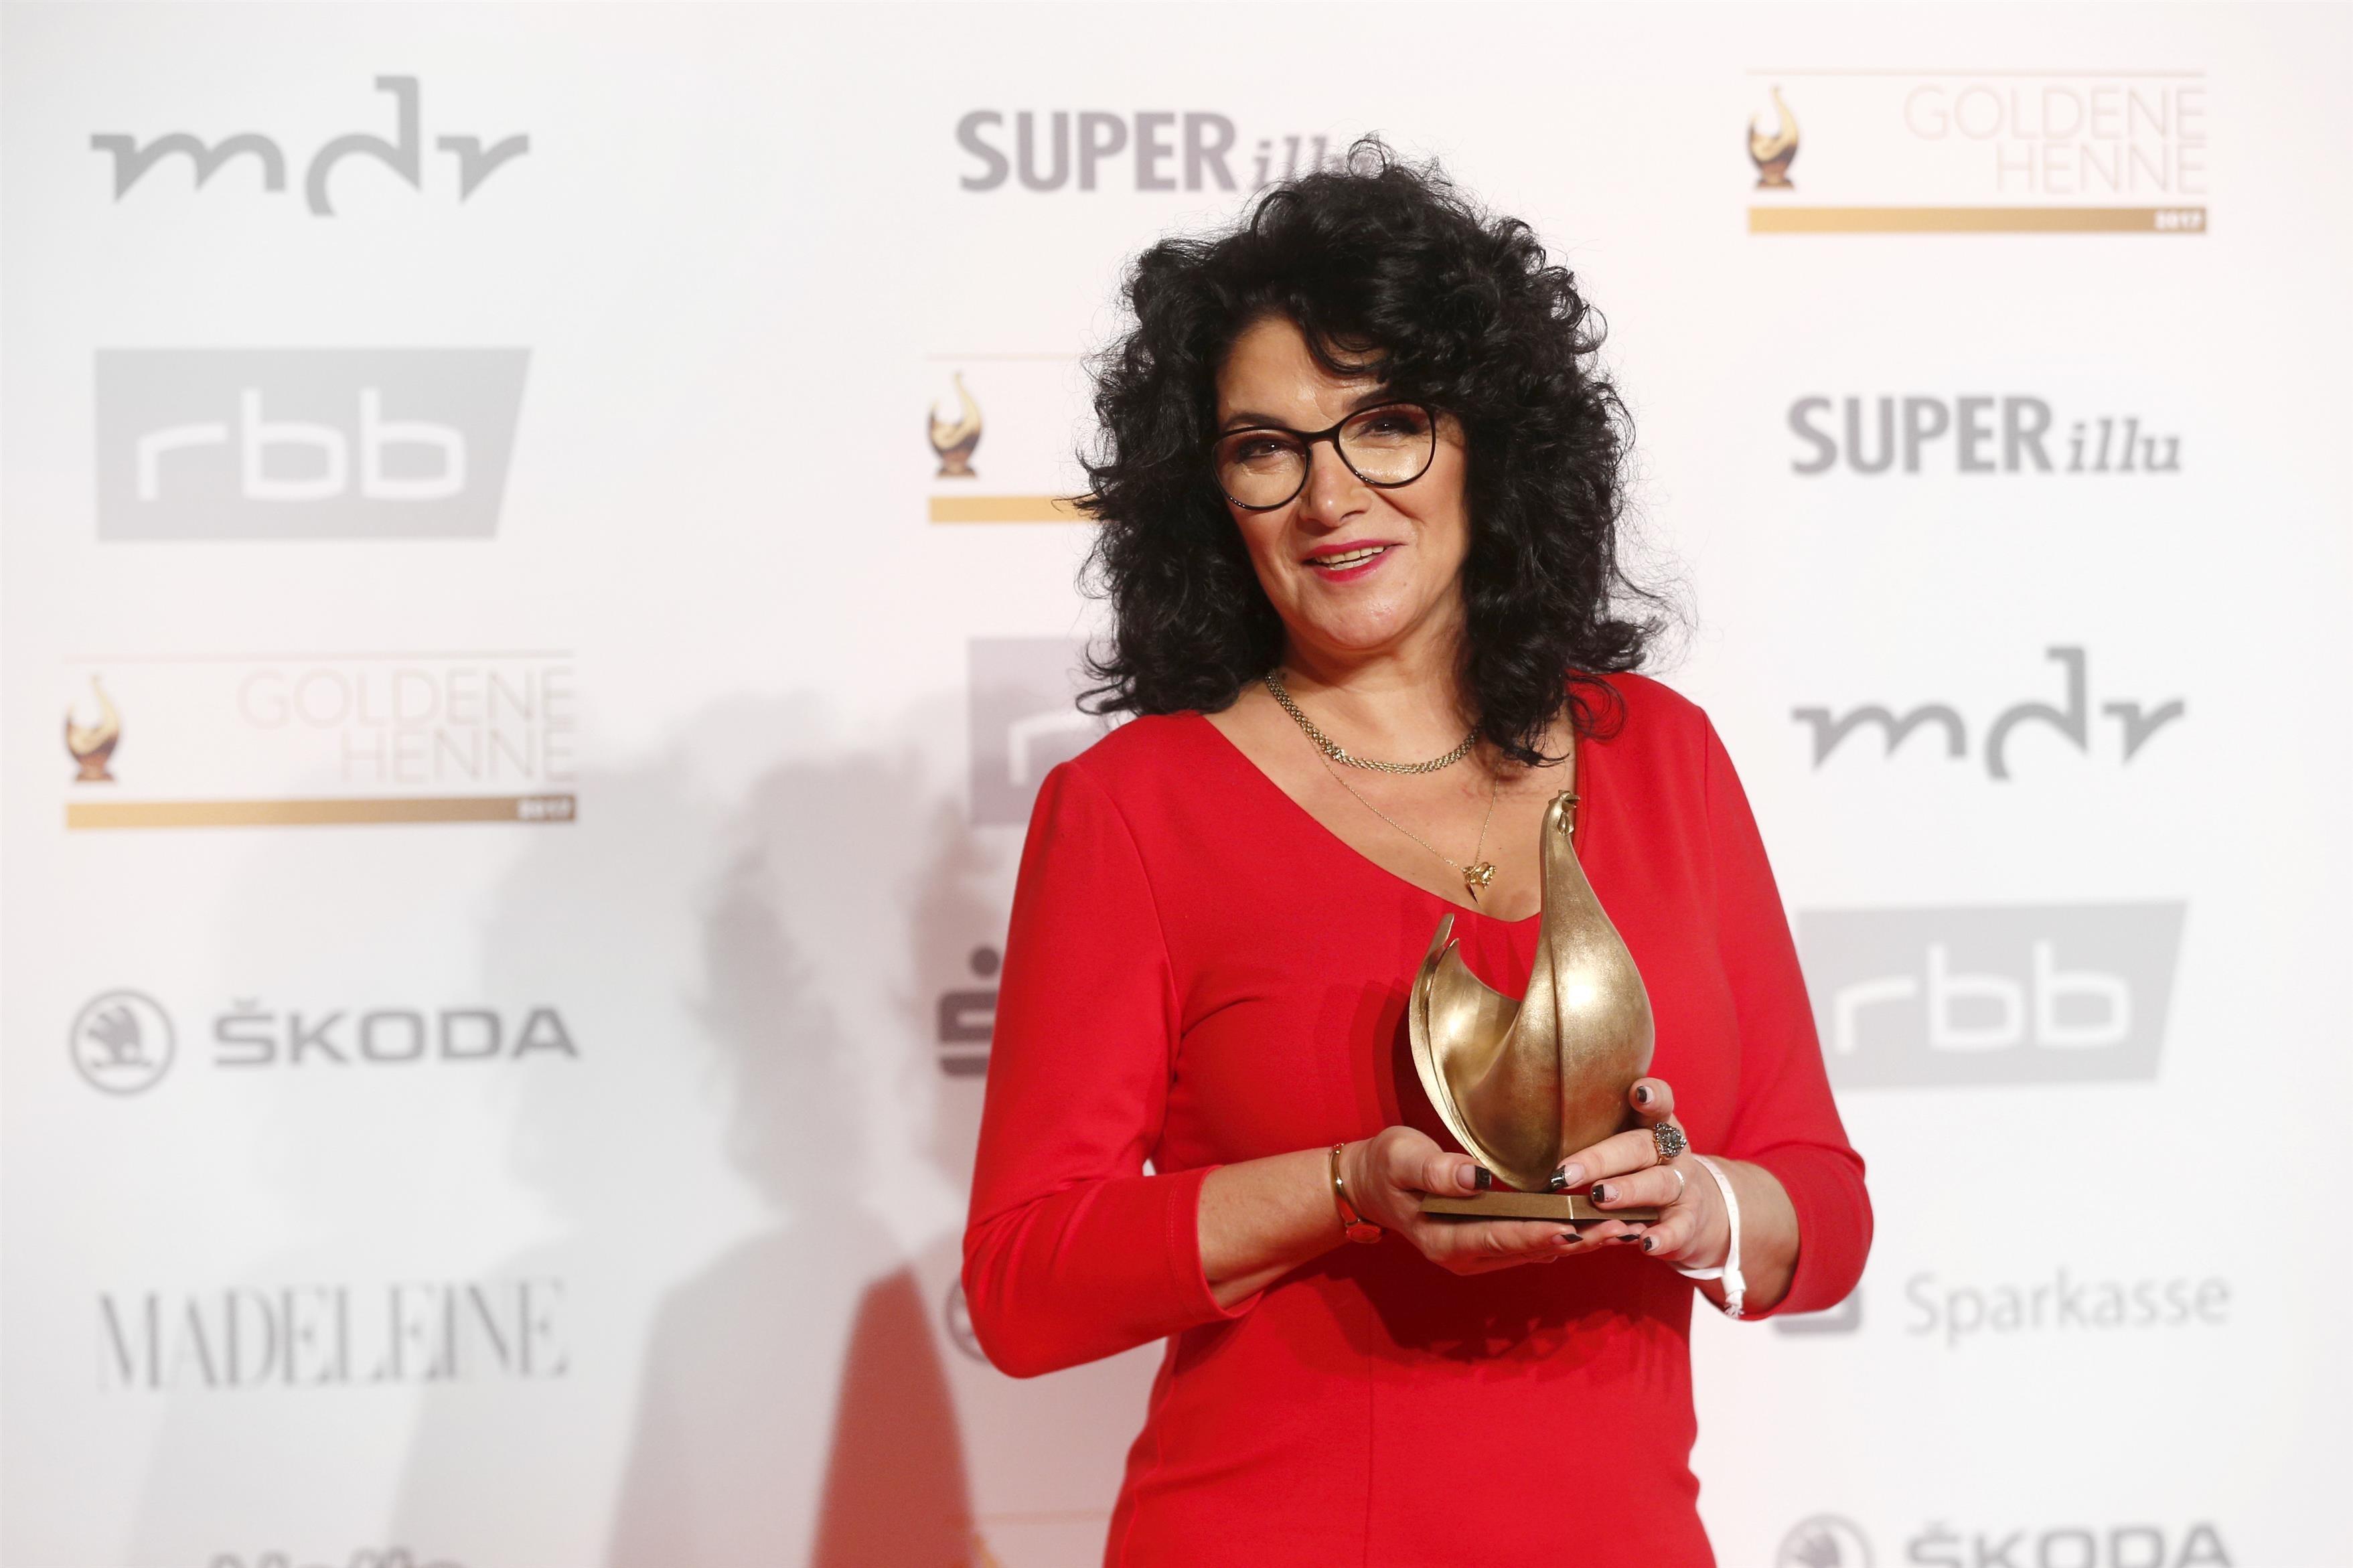 """Preisträgerin in der Kategorie Charity Tina Witkowski stellvertretend für ihren """"Kahuza"""" e.V."""